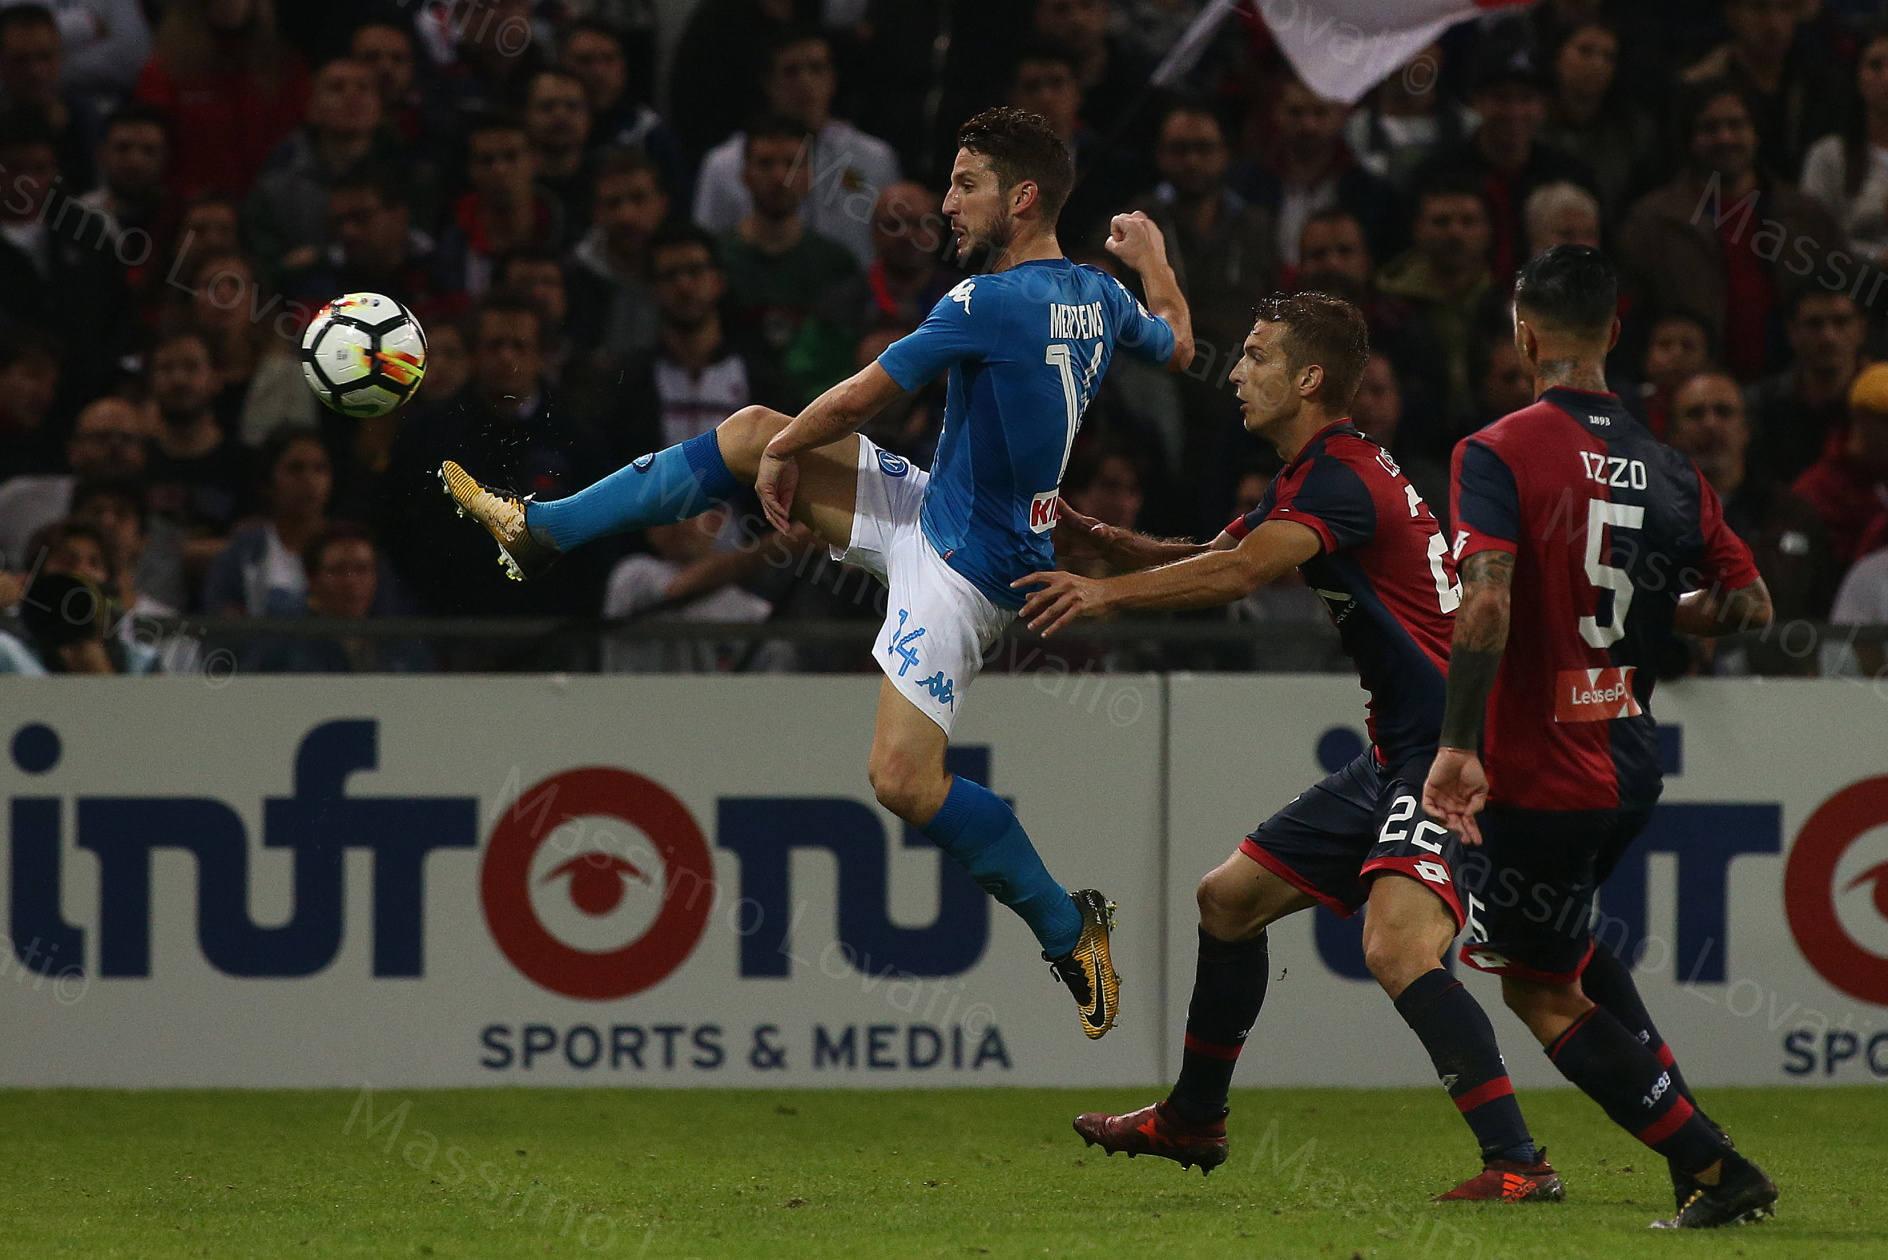 25/10/2017, Genova , Campionato di Calcio Serie A, Genoa - Napoli, nella foto Mertens in volo